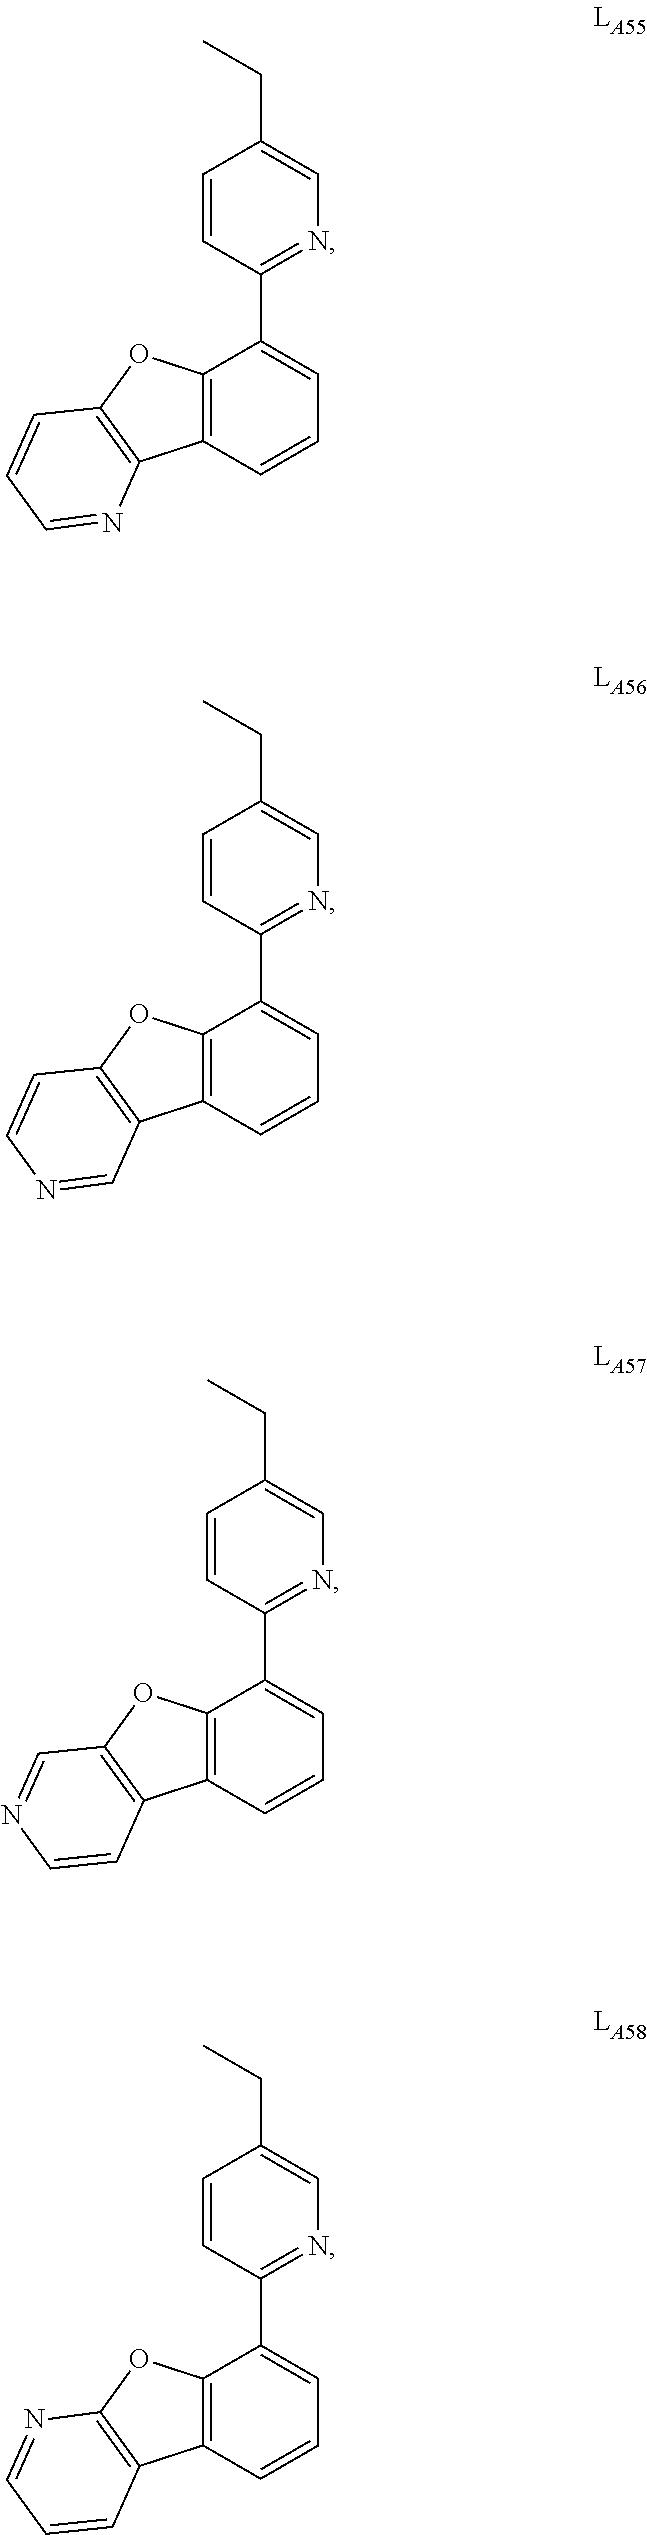 Figure US09634264-20170425-C00061